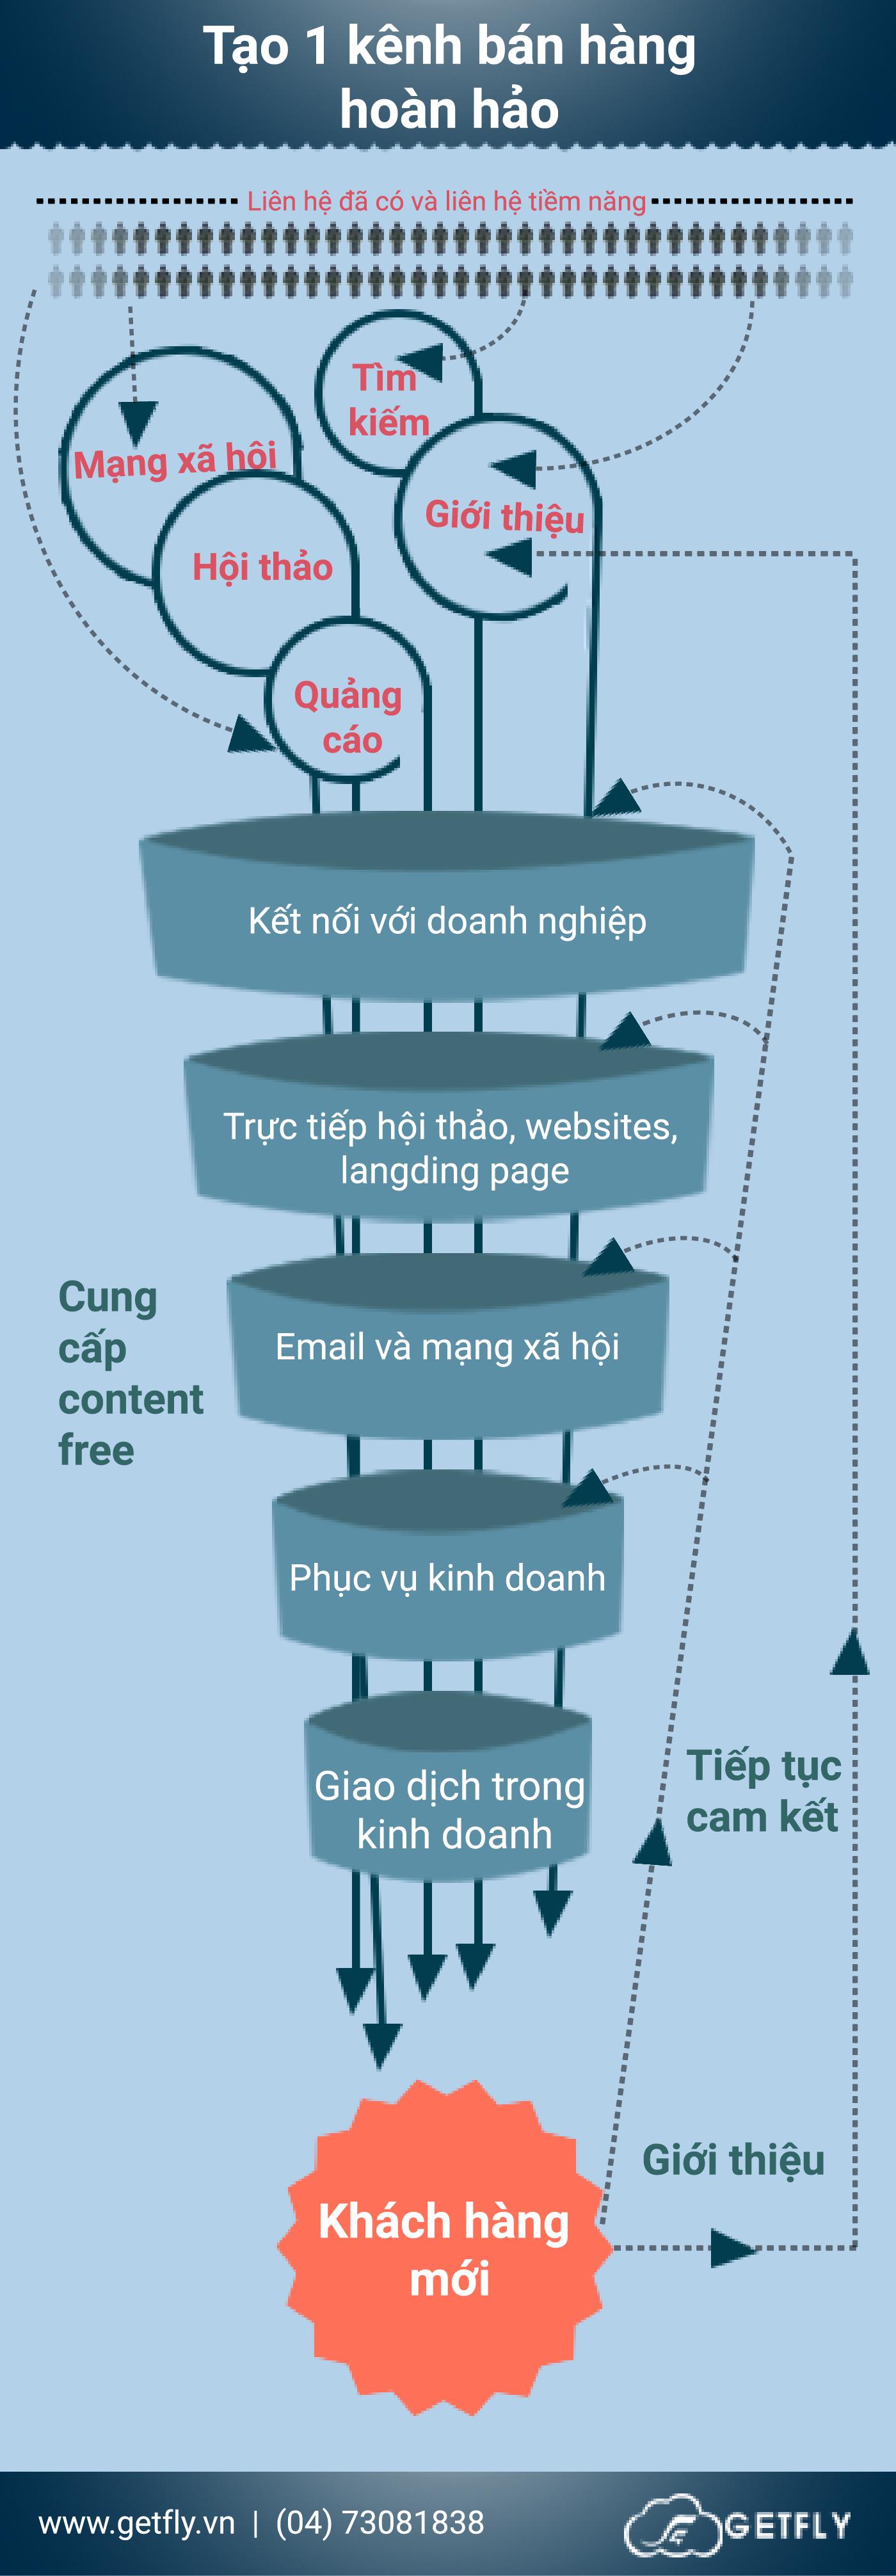 Infographic kênh bán hàng hoàn hảo